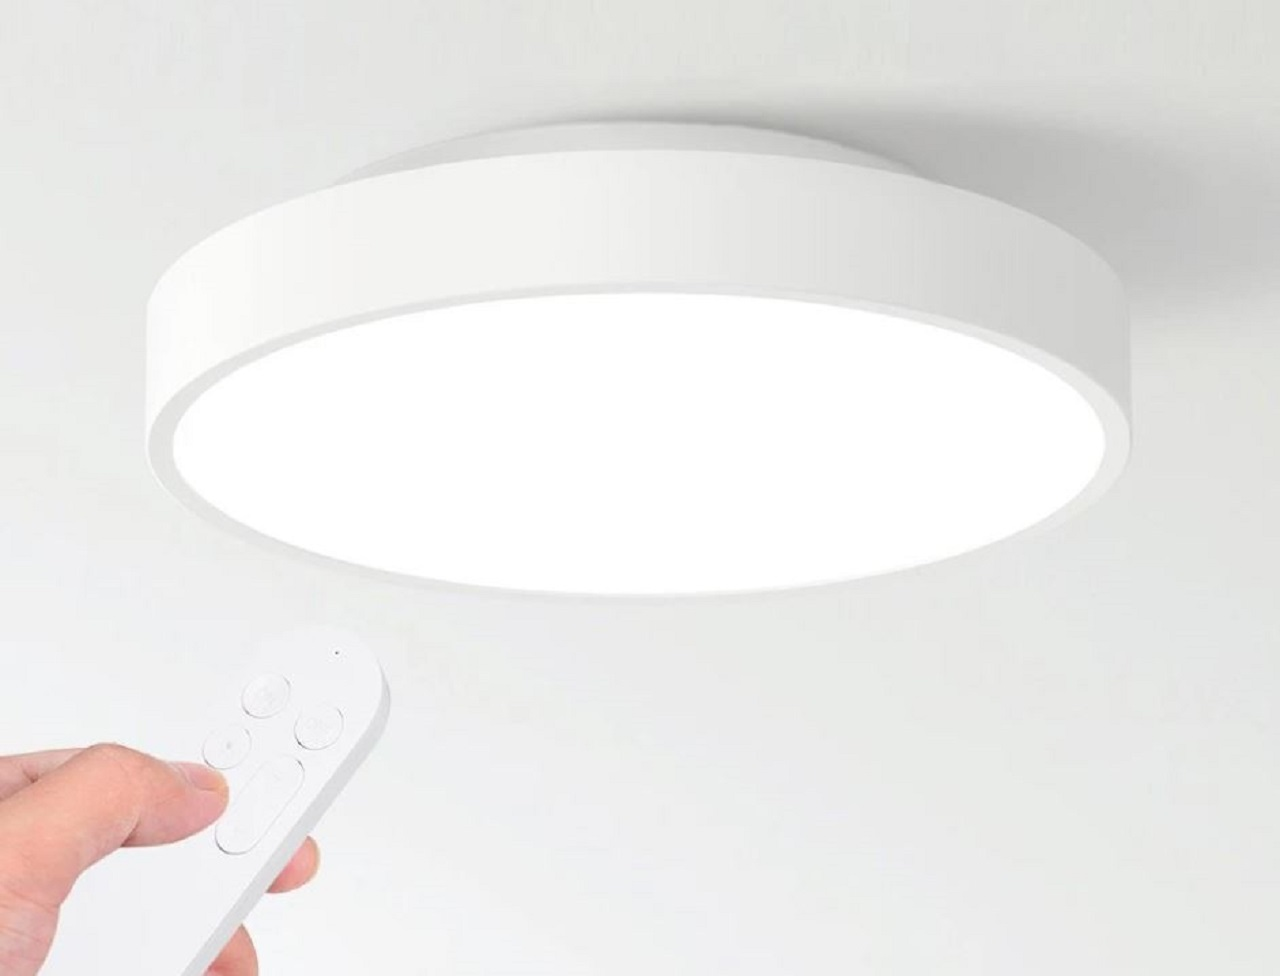 Chytré LED stropní světlo Xiaomi Yeelight s bezkonkurenční 77% slevou [sponzorovaný článek]